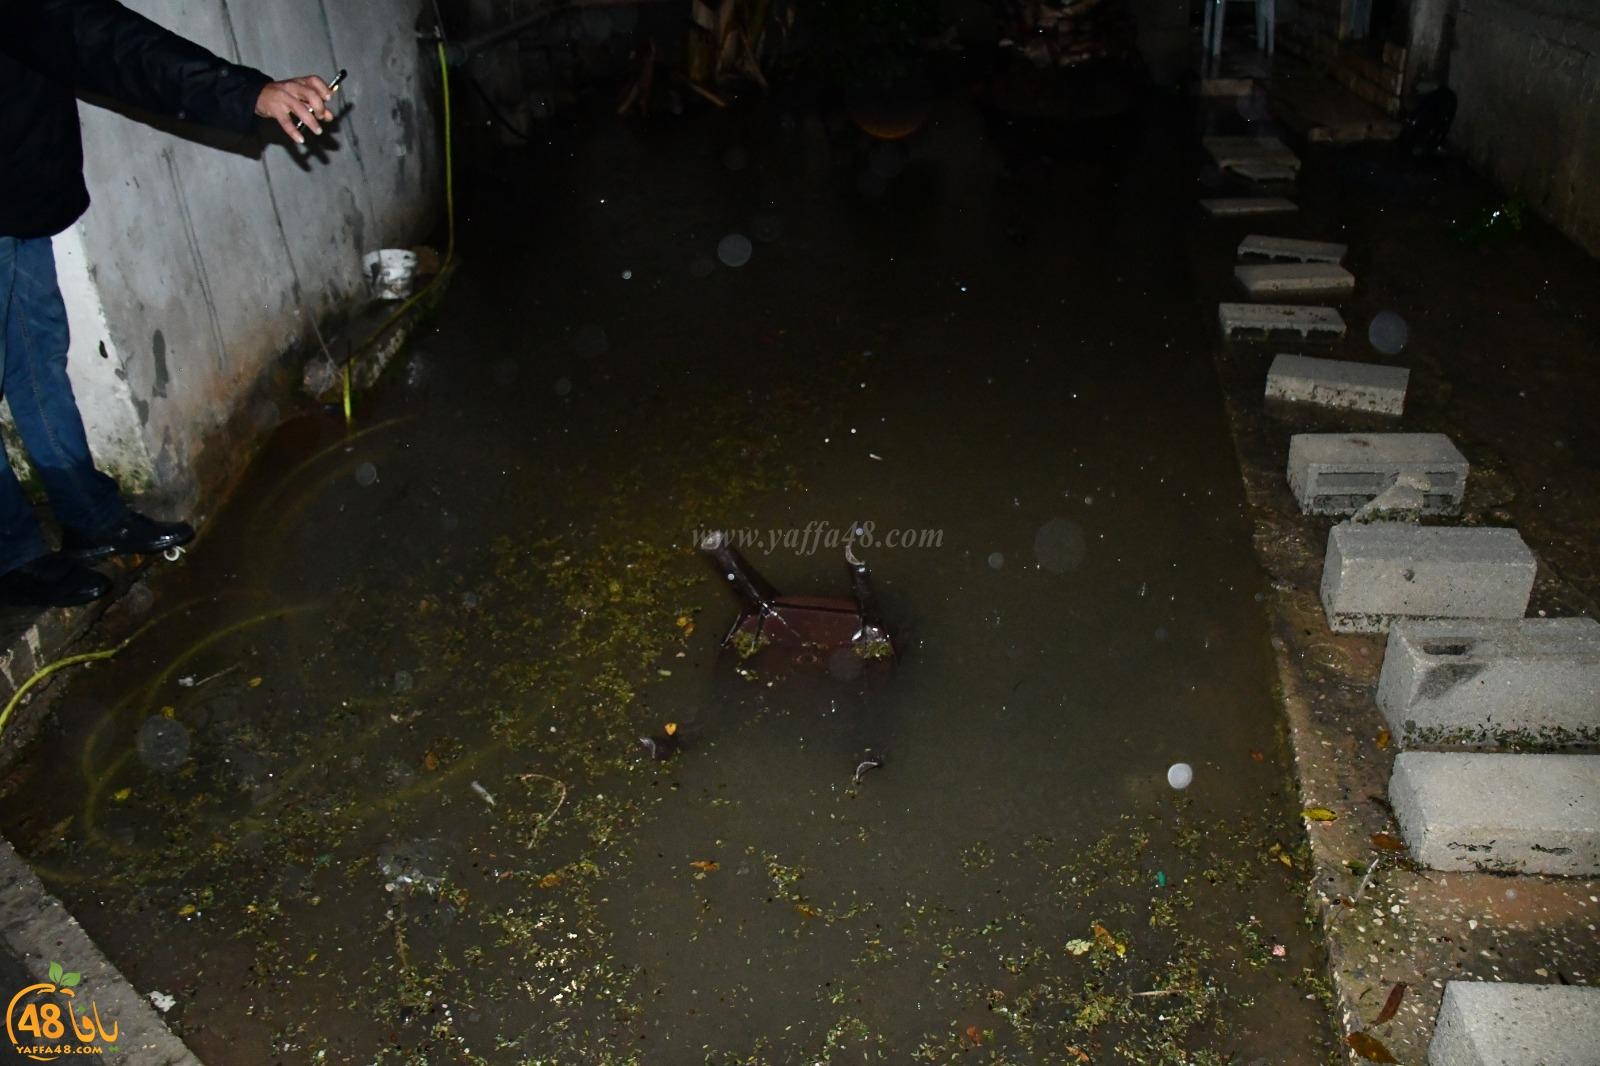 فيديو: جمعية يافا تهرّع لاغاثة 5 عائلات متضررة جراء مياه الأمطار في بيارة دكة